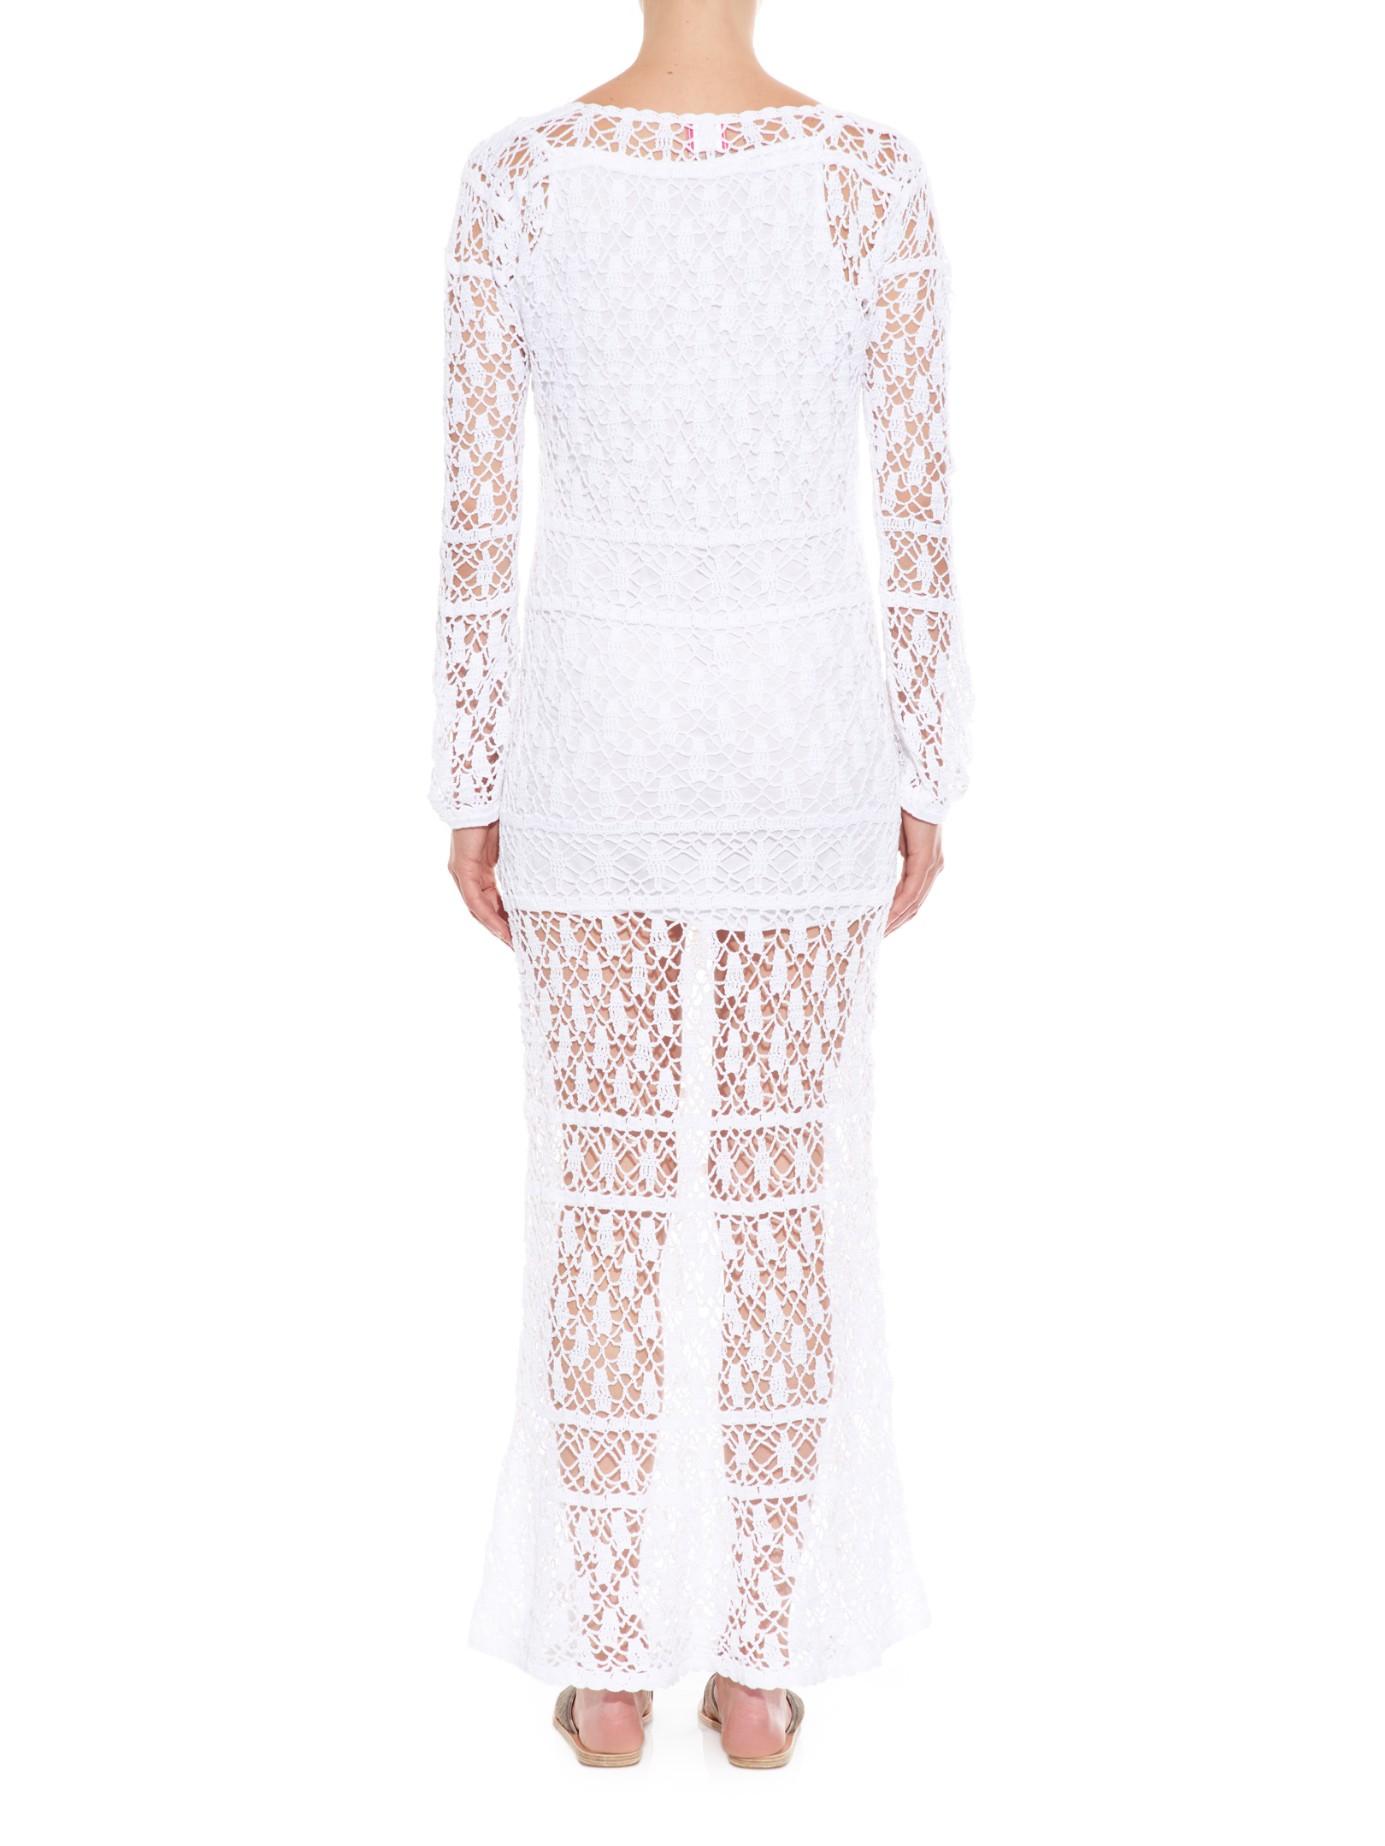 Bianca crocheted cotton dress Anna Kosturova fSG1zqgQZ